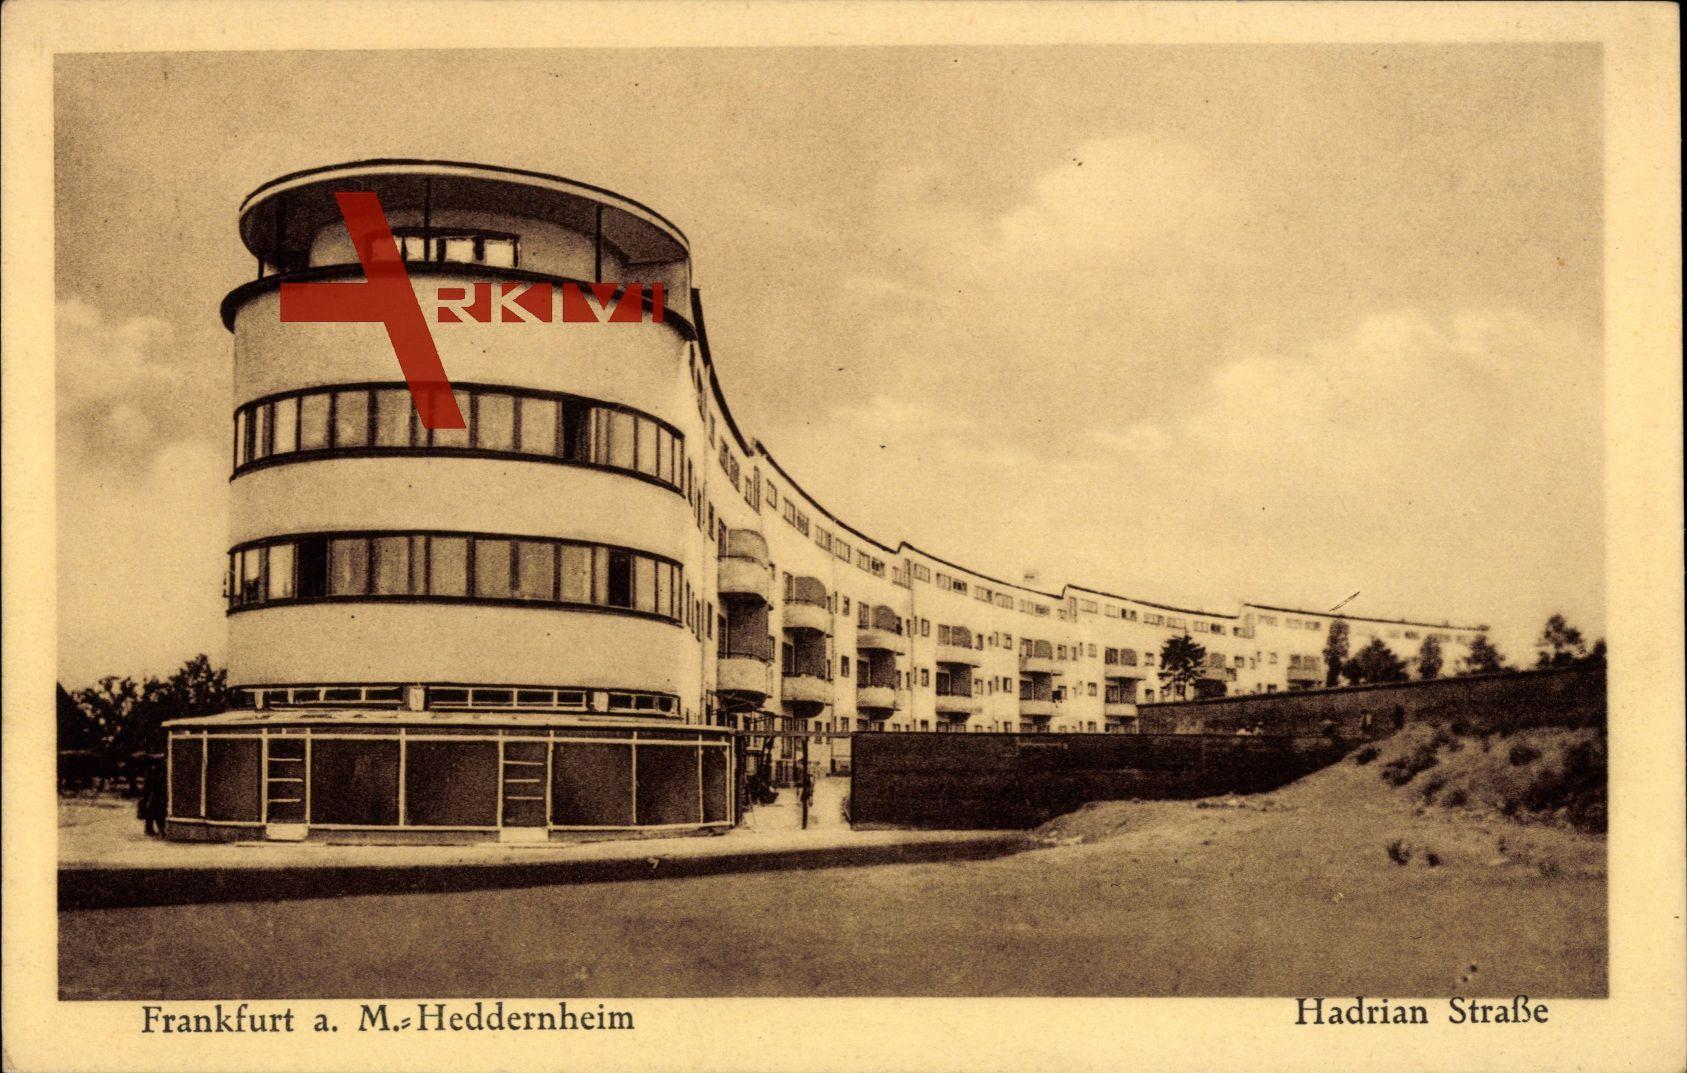 Frankfurt am Main, Das Heddernheim in der Hadrian Straße, Bauhaus